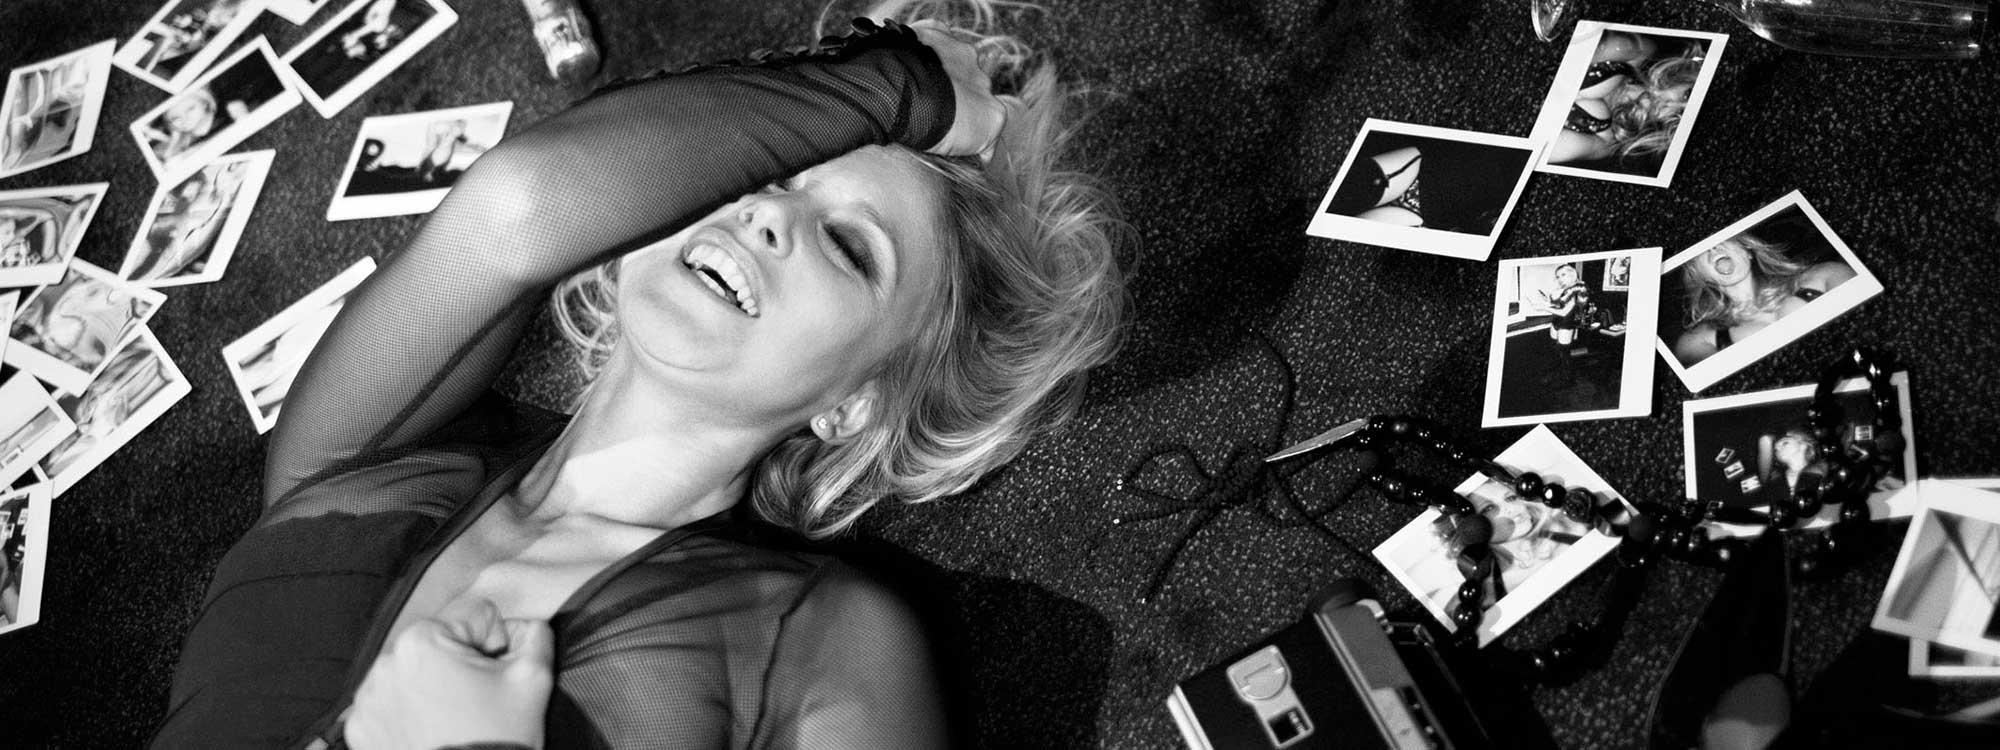 Julie Taton l'animatrice télé des chaines RTL-TVI et TF1 et l'émission Secret Story photo noir et blanc sexy dans une chambre d'hôtel.